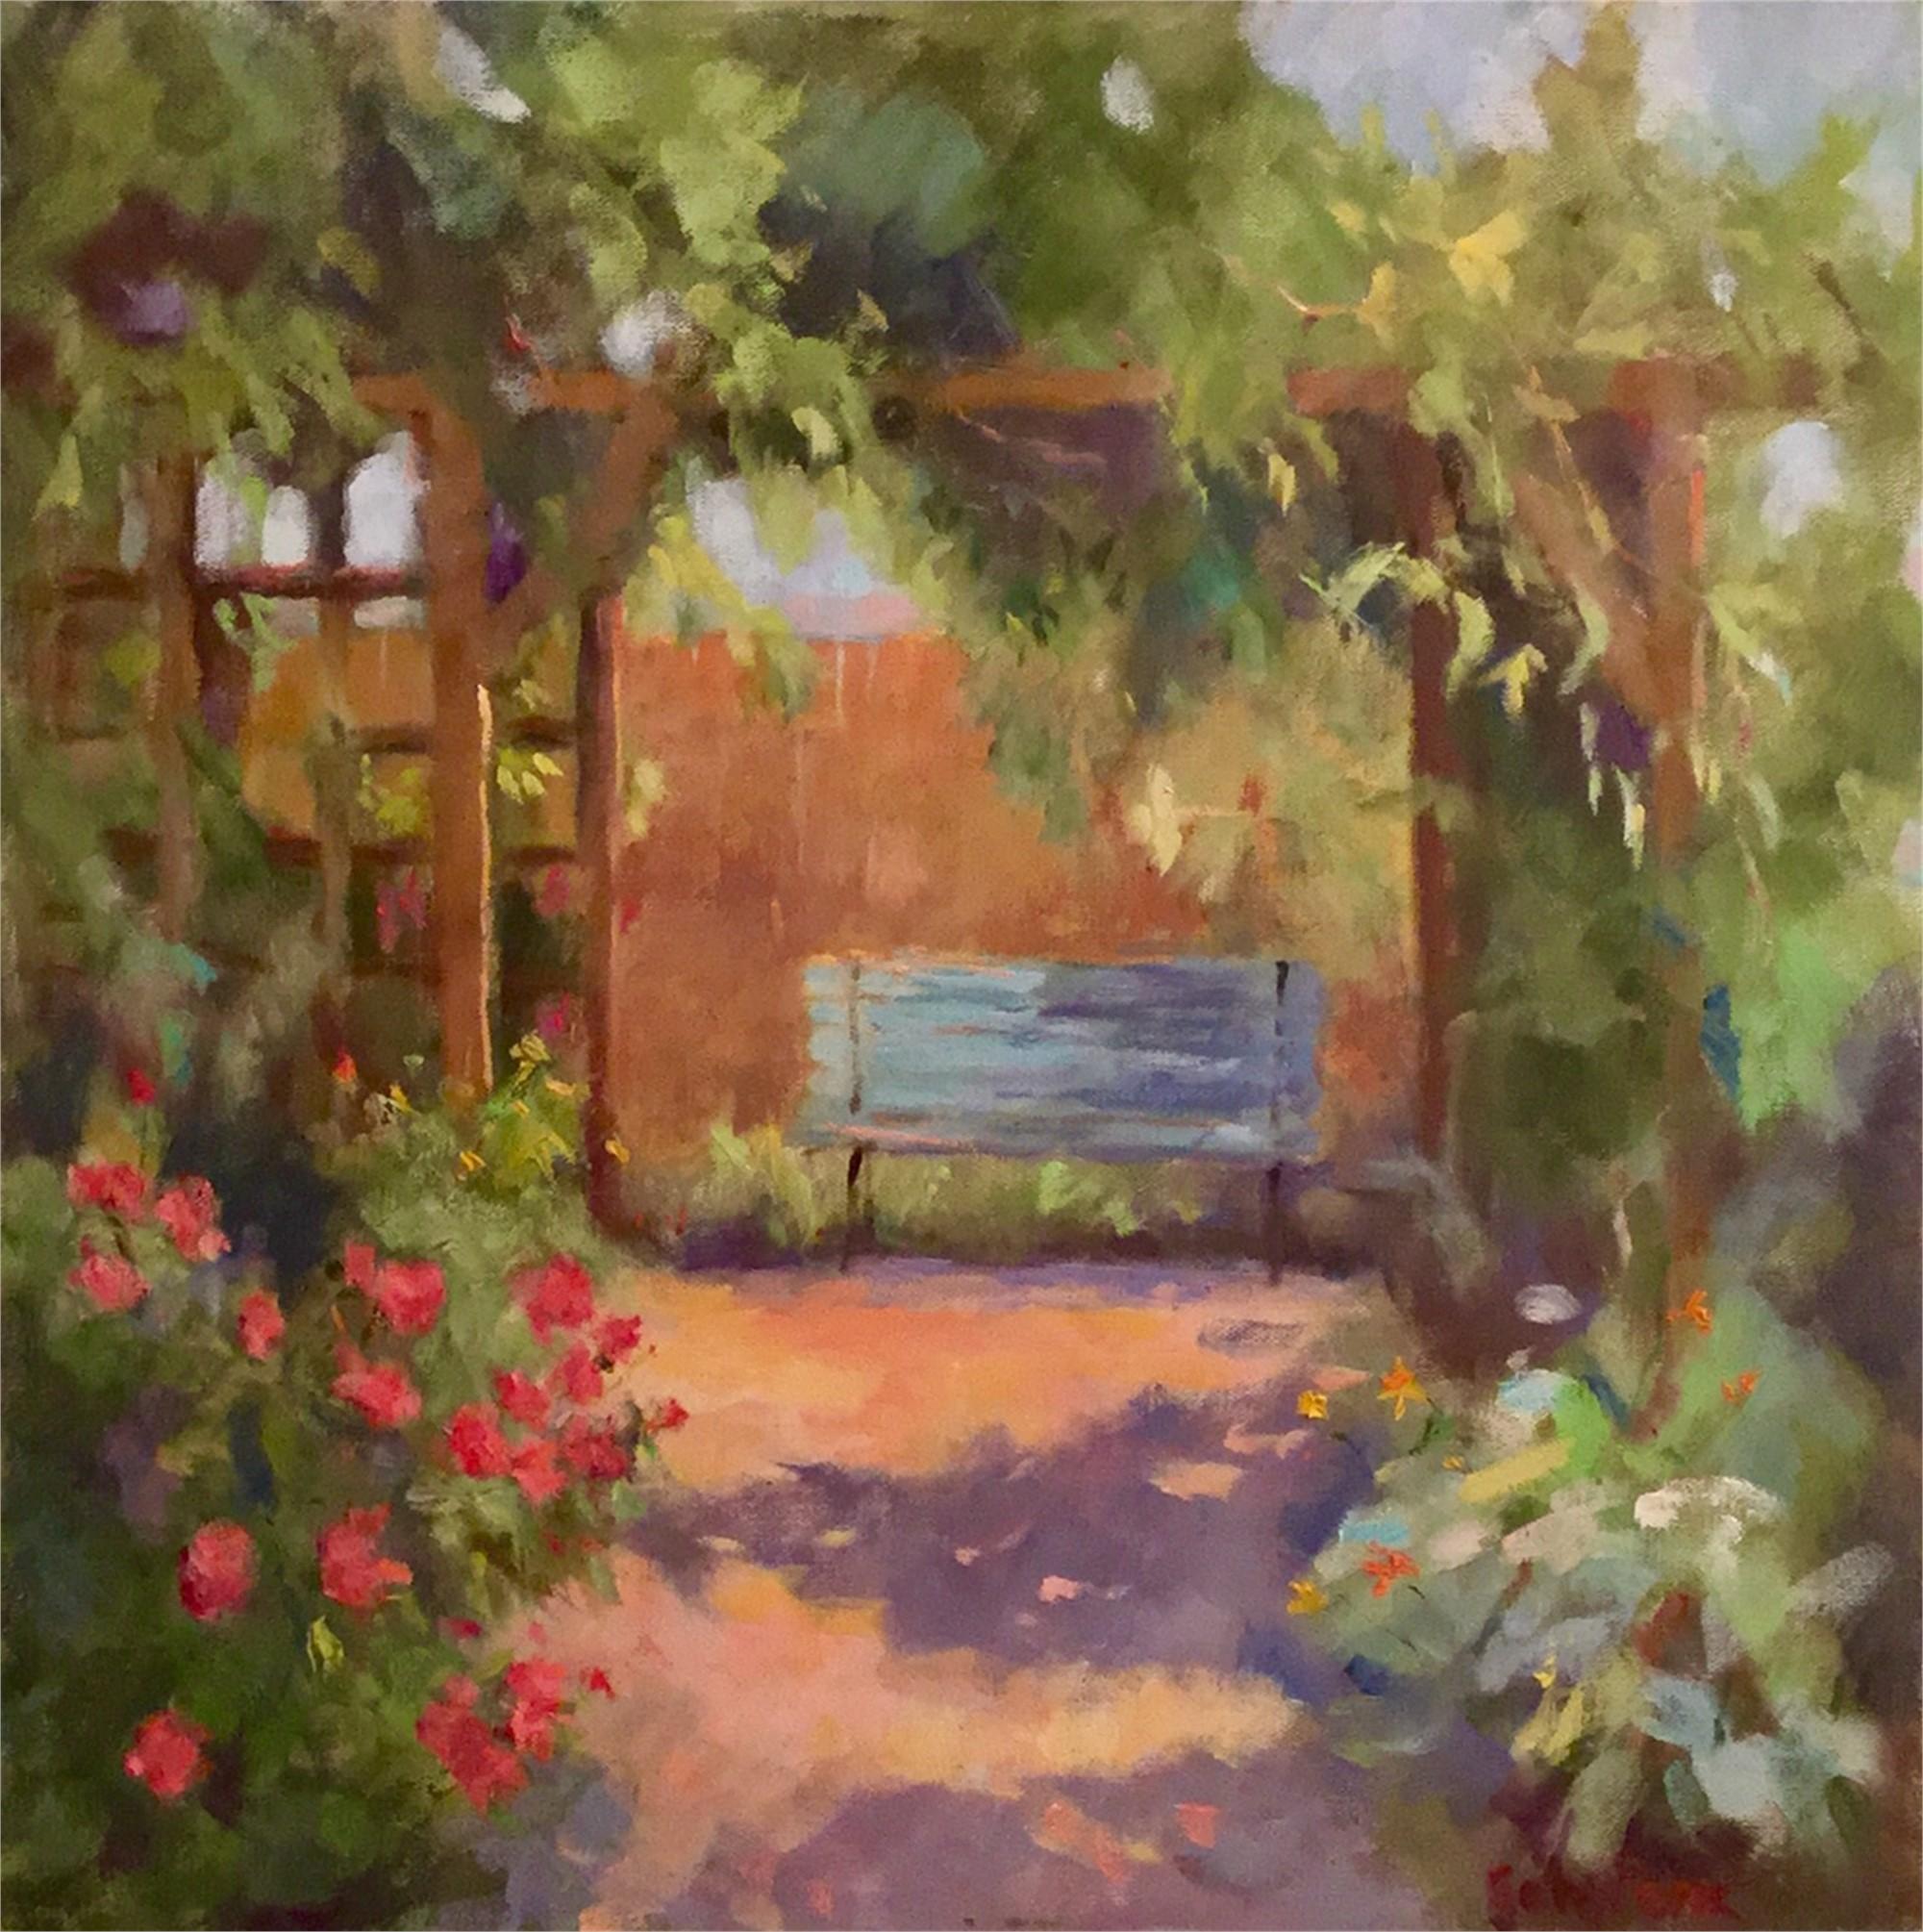 A Little Bit of Eden by Sharon Schwenk